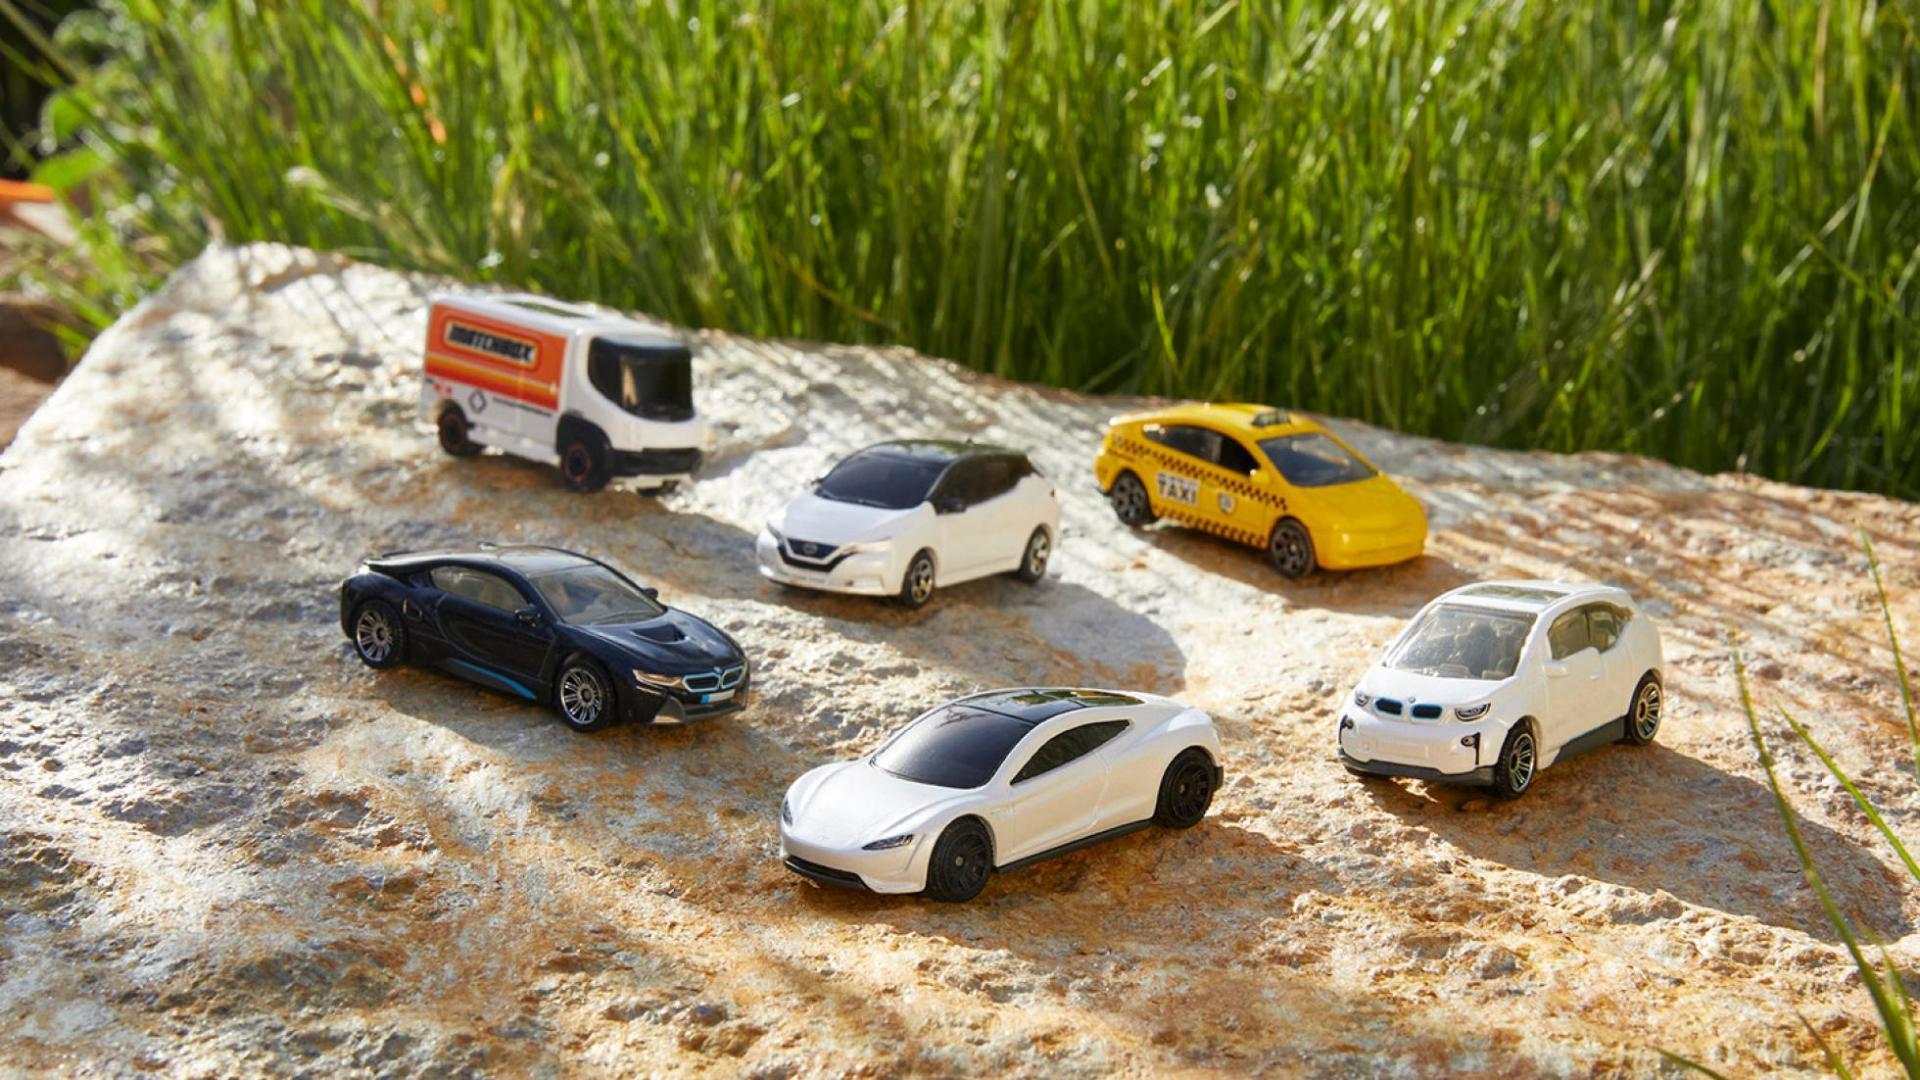 Matchbox-schaalmodellen van elektrische auto's